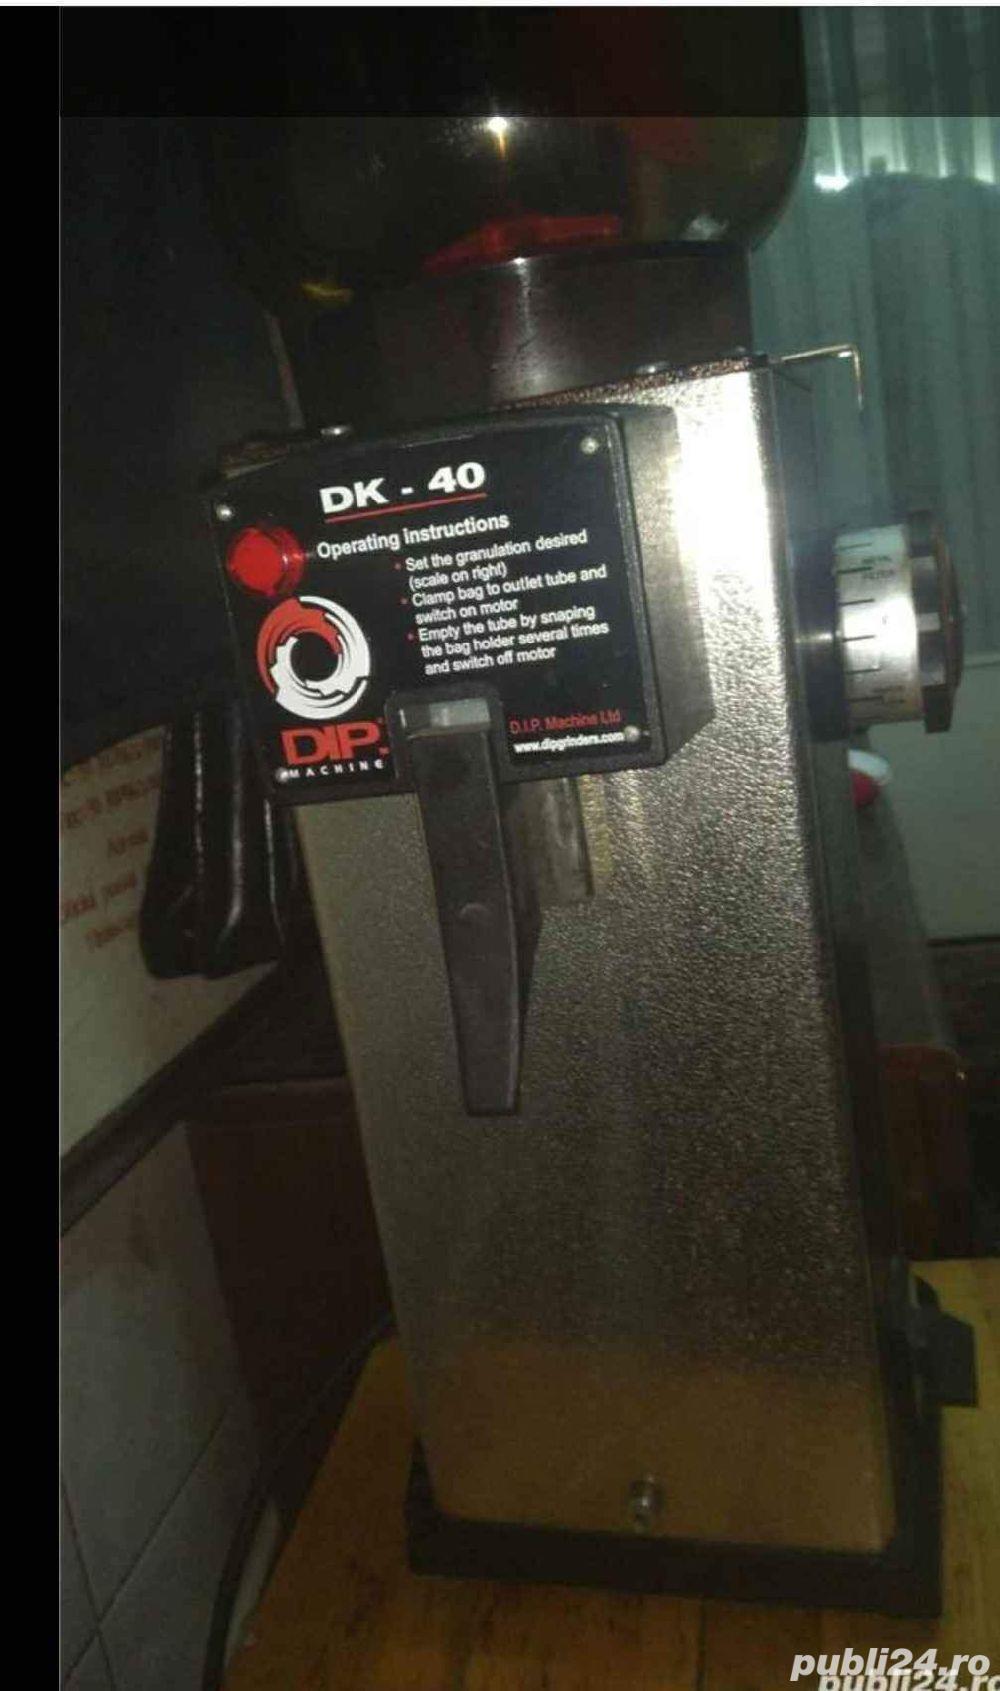 Râșniță pentru cafea DK-40